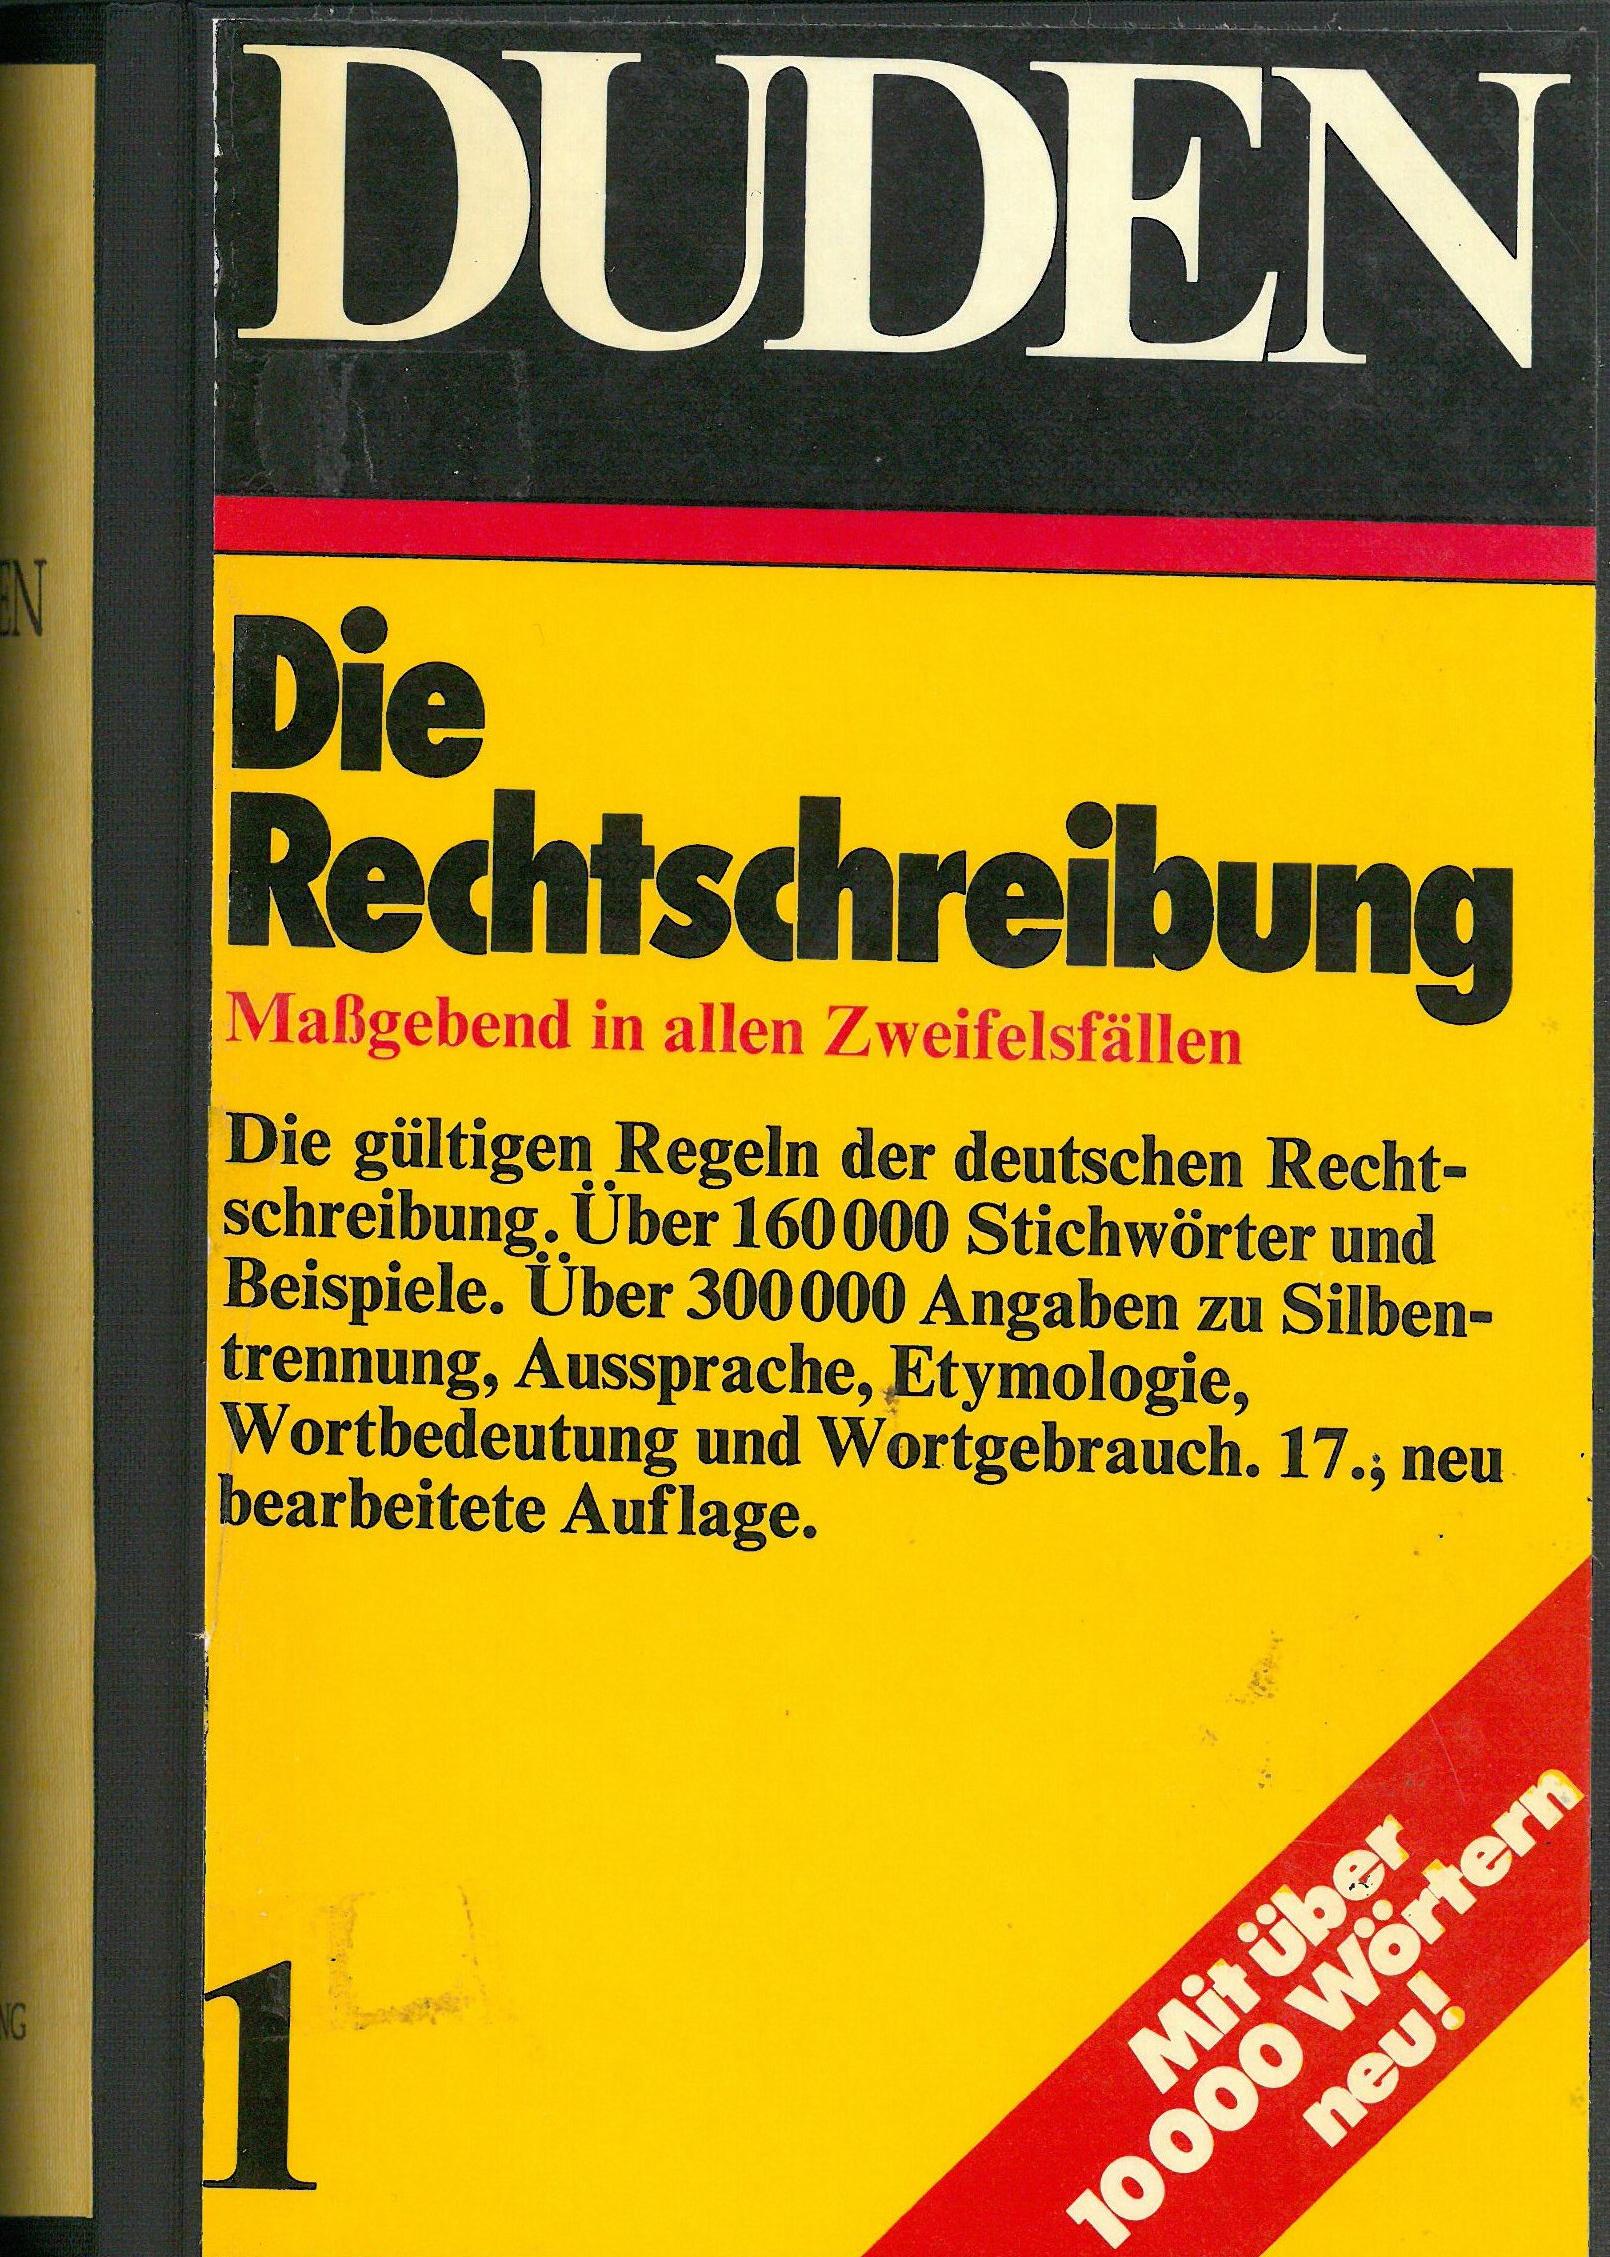 Buchcover Duden von 1973 BRD